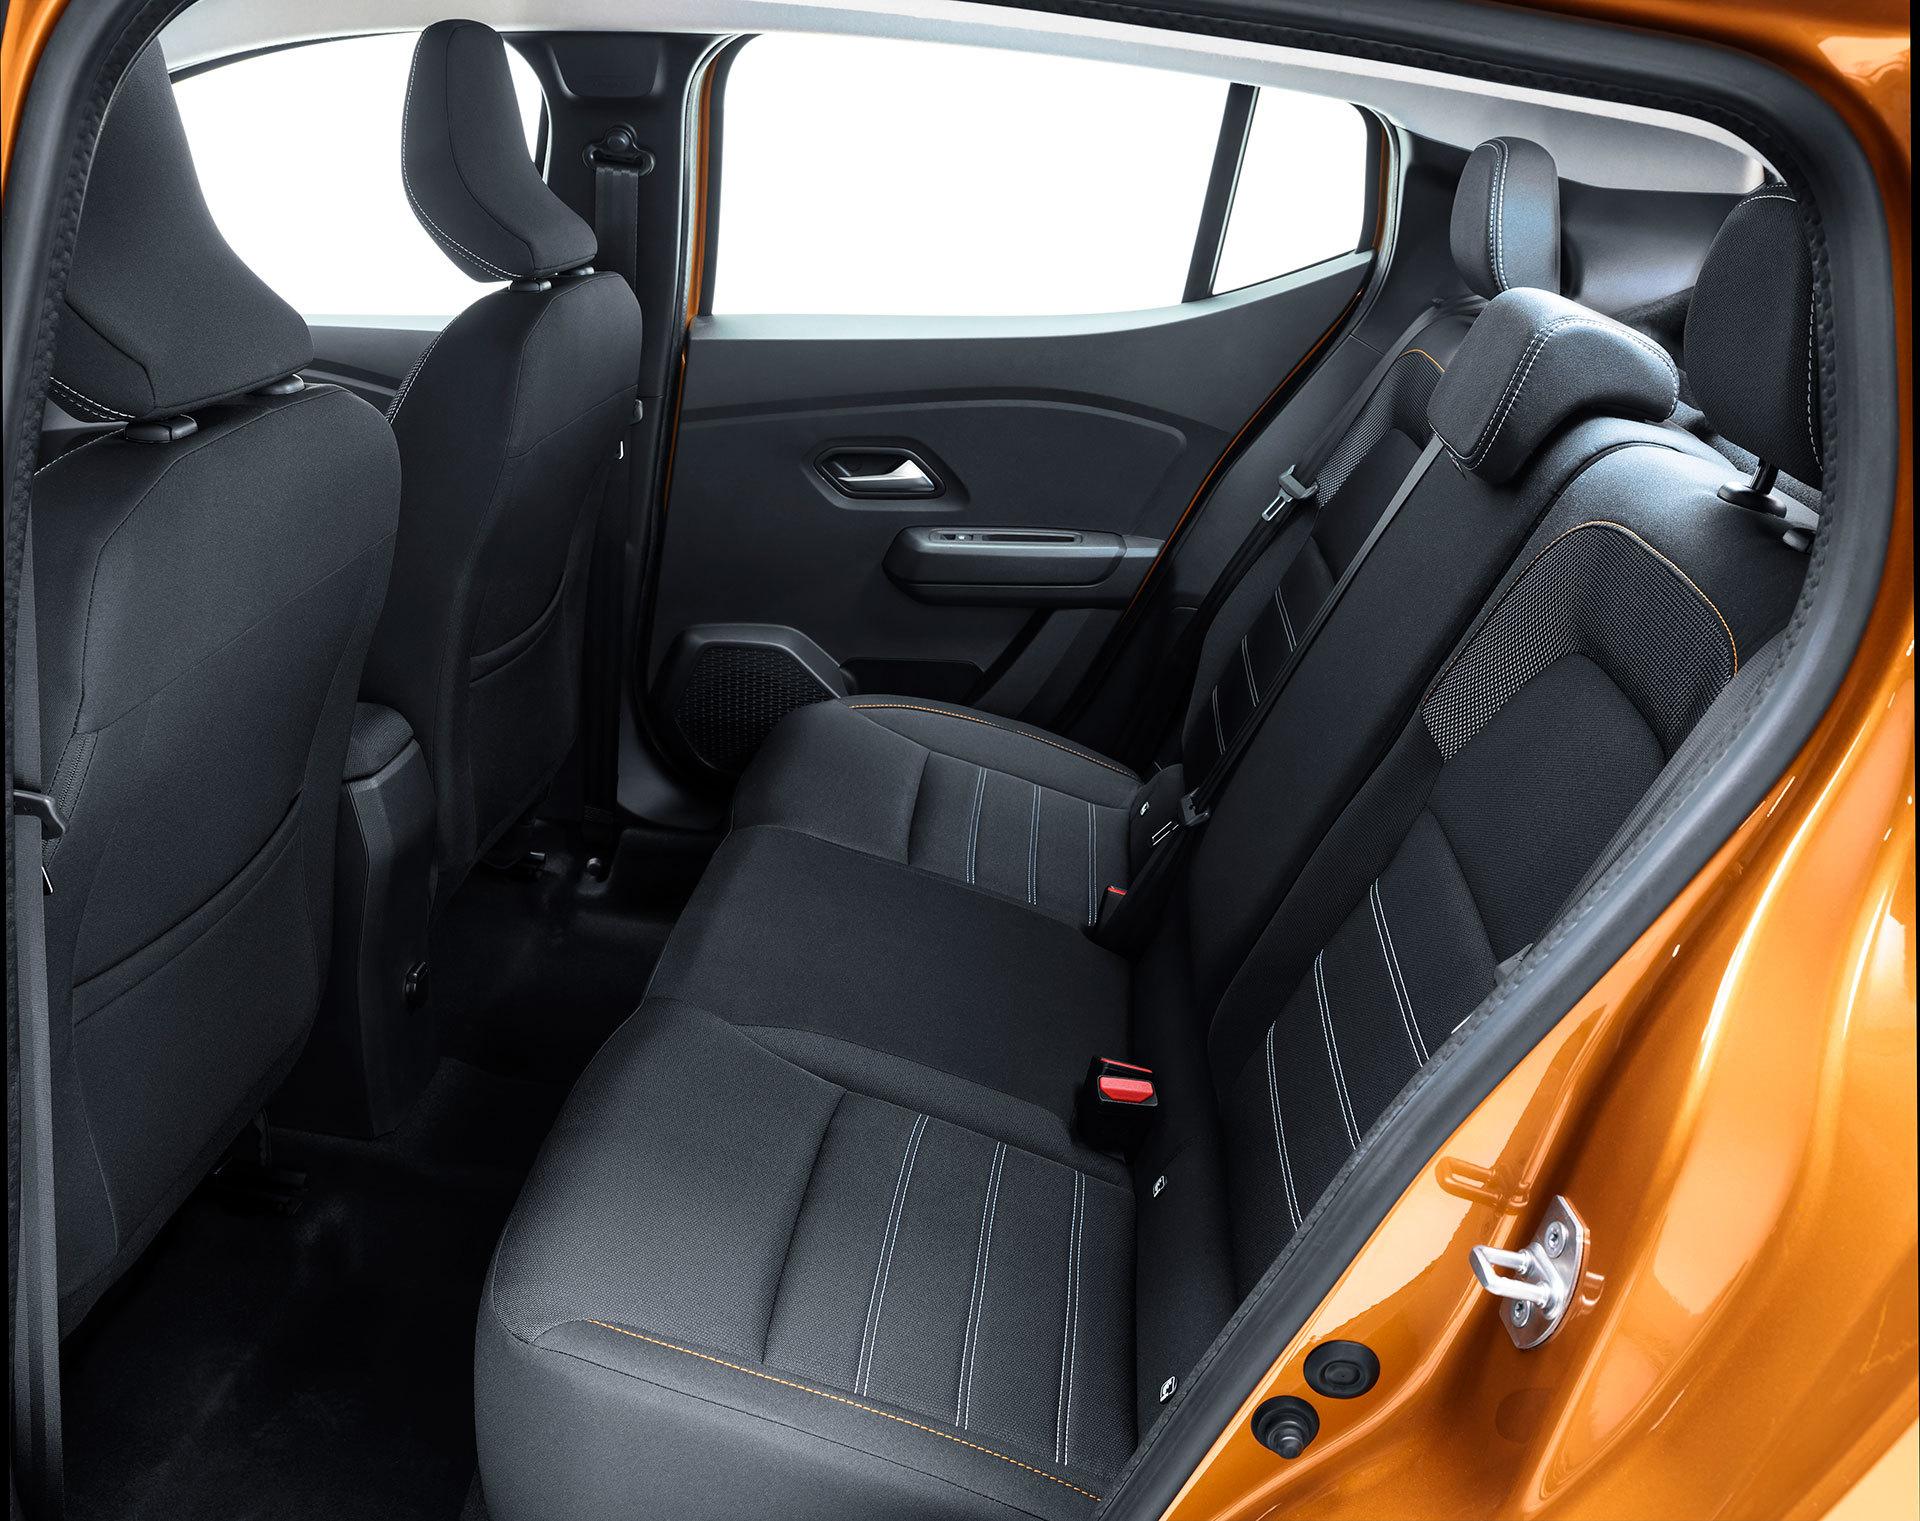 Dacia Sandero Stepway 2020 Interior 01